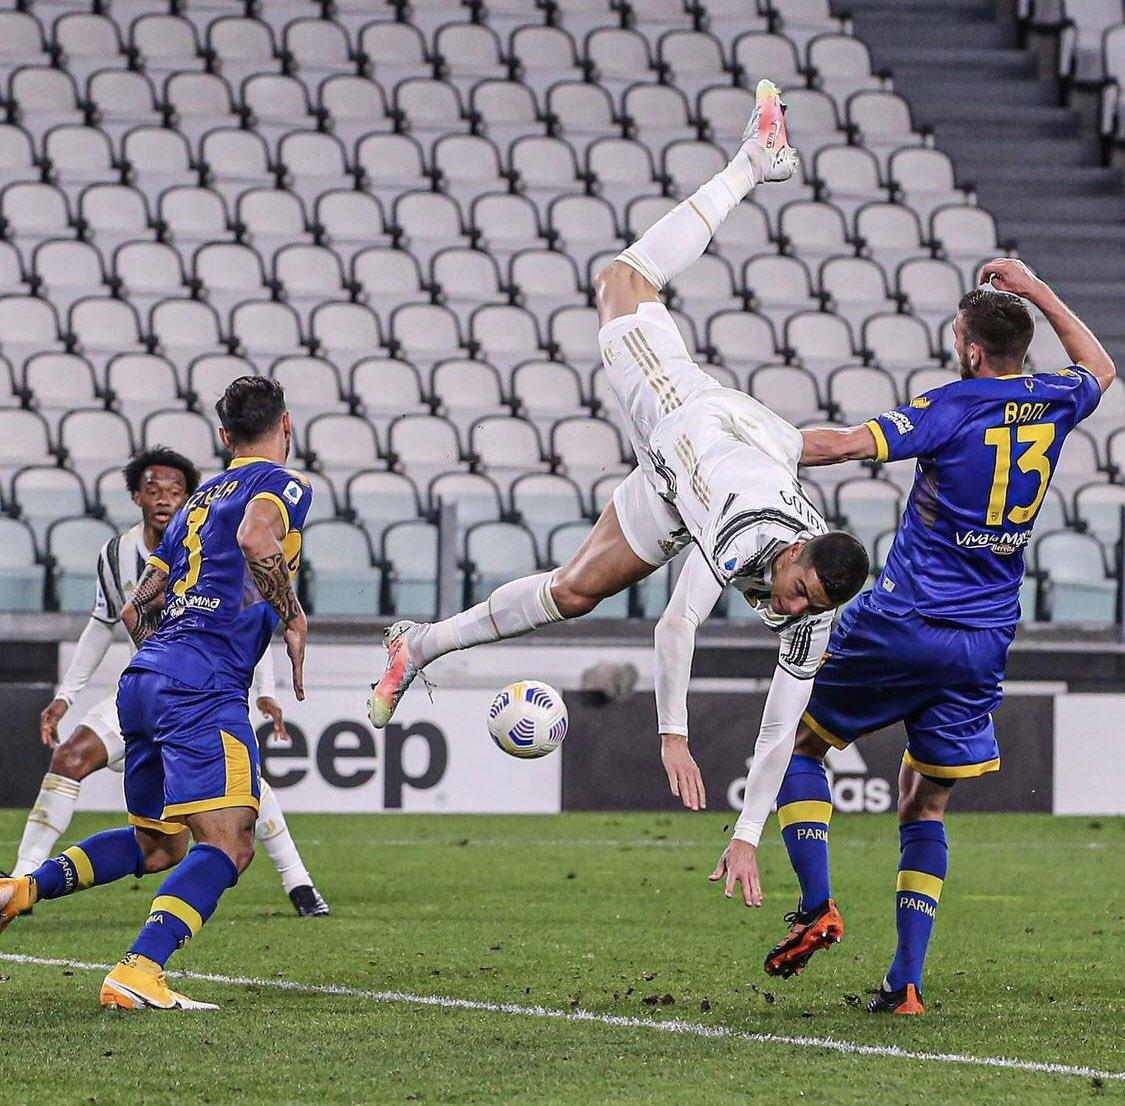 ارتقاء وسقوط رونالدو, كريستيانو رونالدو, Cristiano Ronaldo, juventus, Parma, بارما